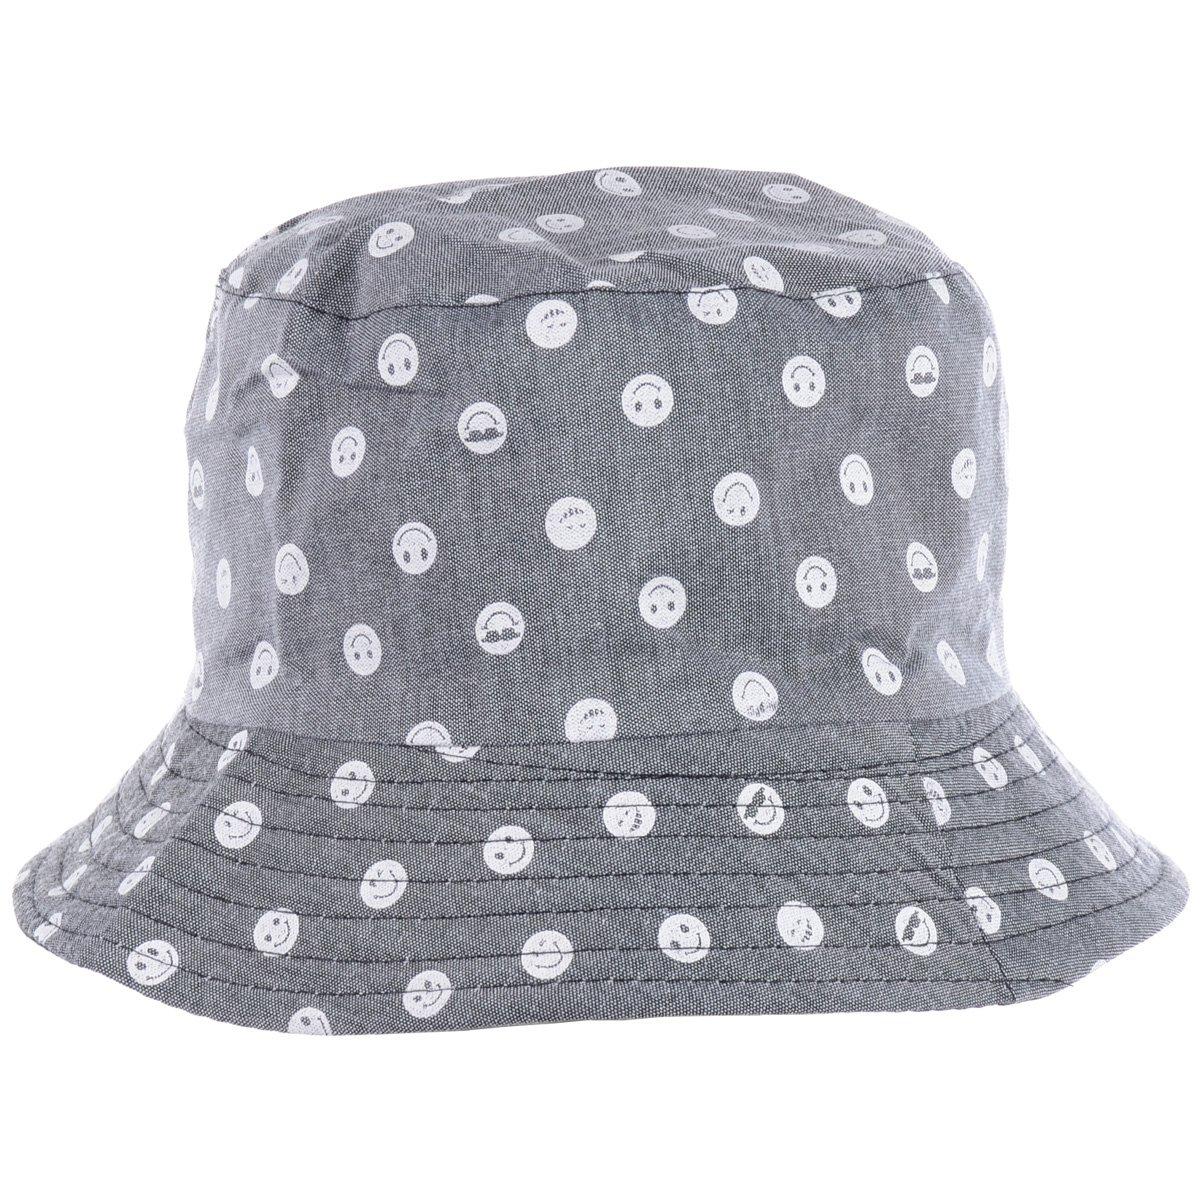 ファッション折りたたみ両面黒印刷漁師漁師帽子、複数のパターン